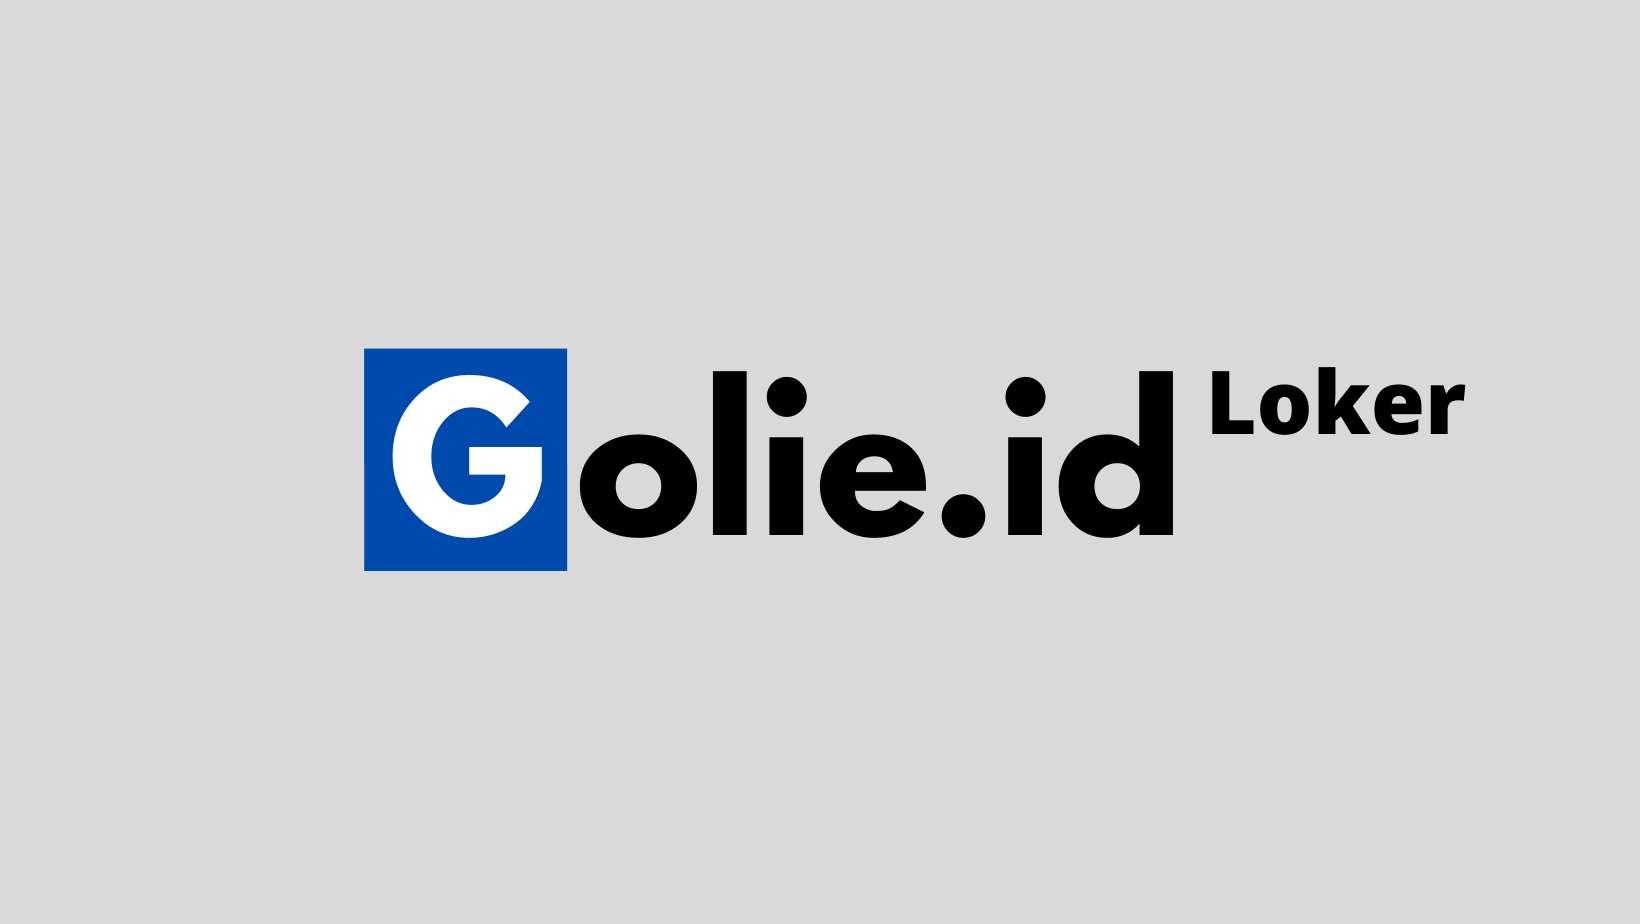 Lowongan Kerja Terbaru April 2021 - Golife